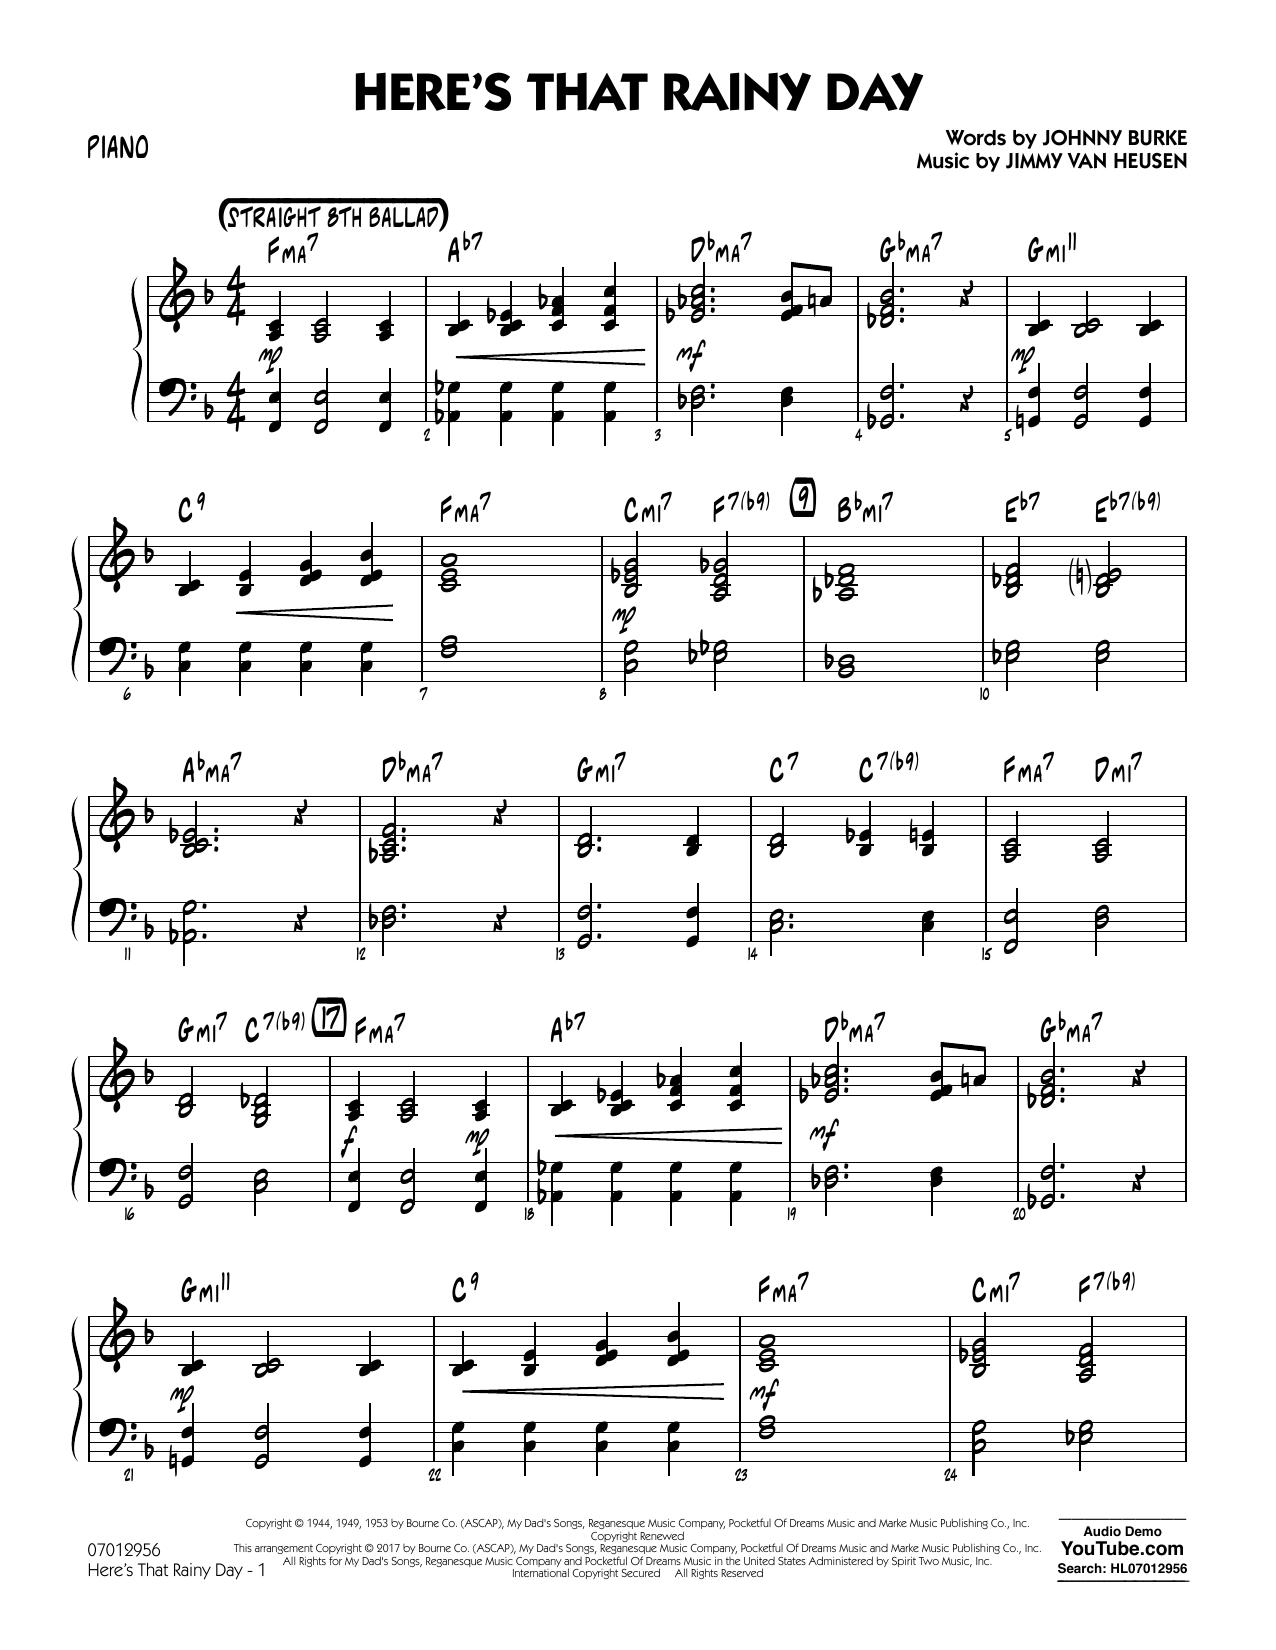 Here's That Rainy Day - Piano Sheet Music